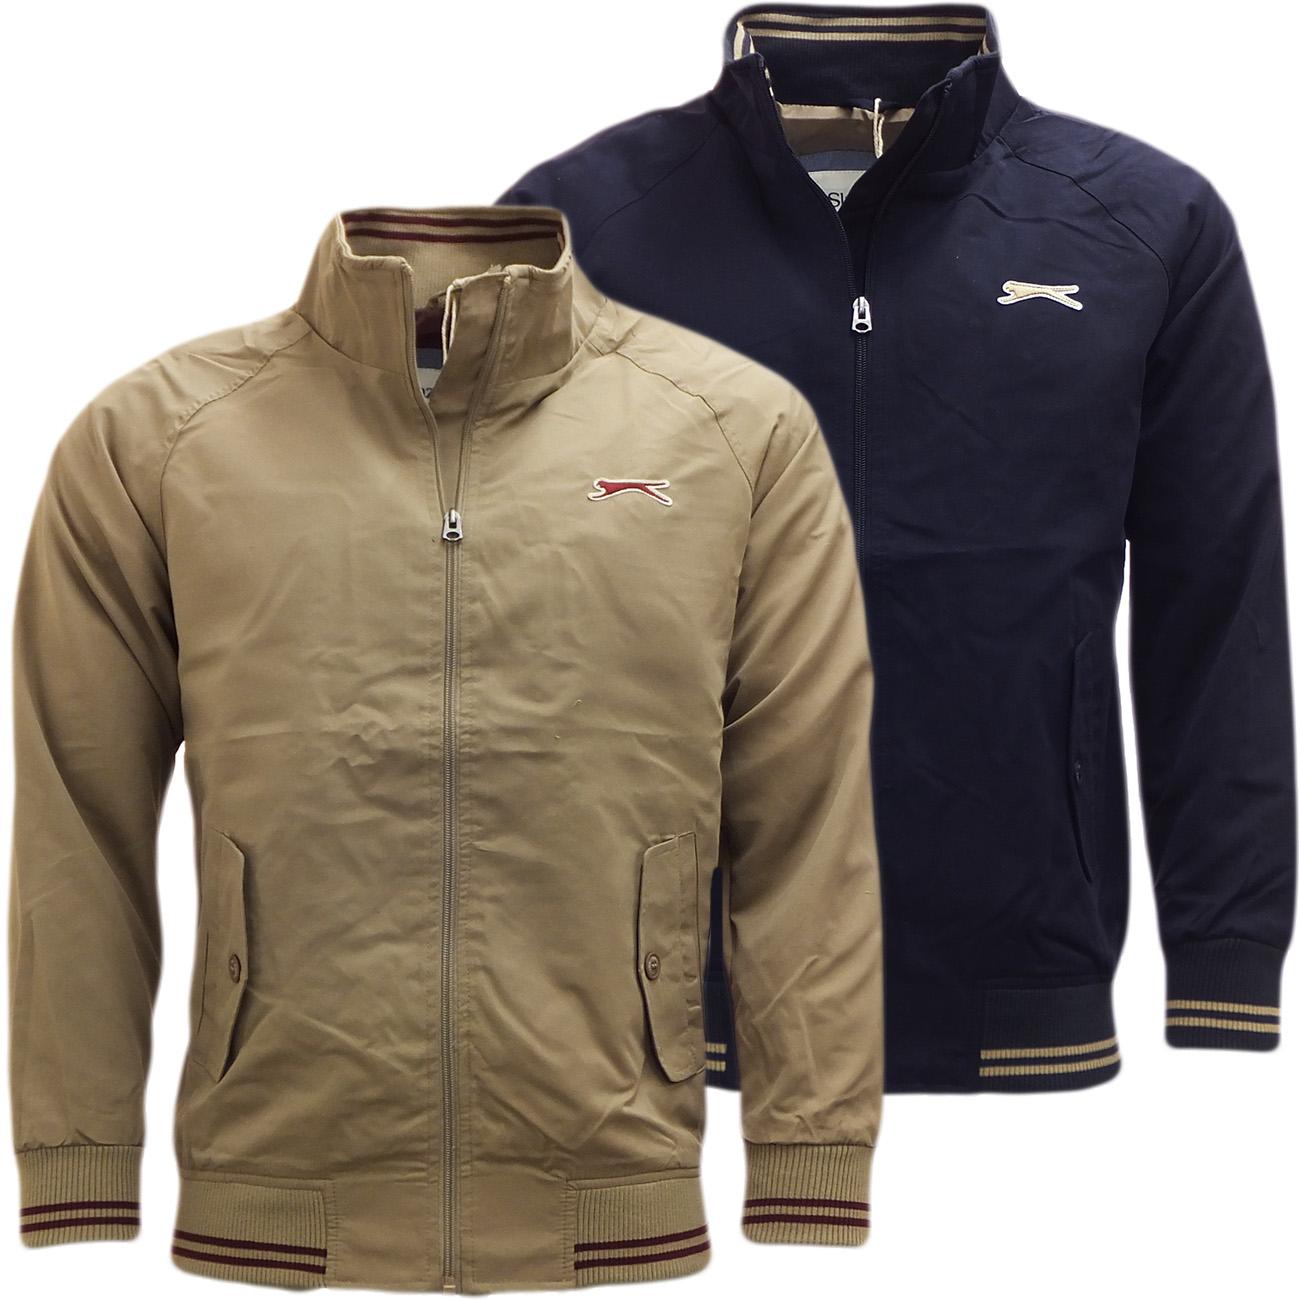 Mens Lightweight Jacket Outdoor Jacket